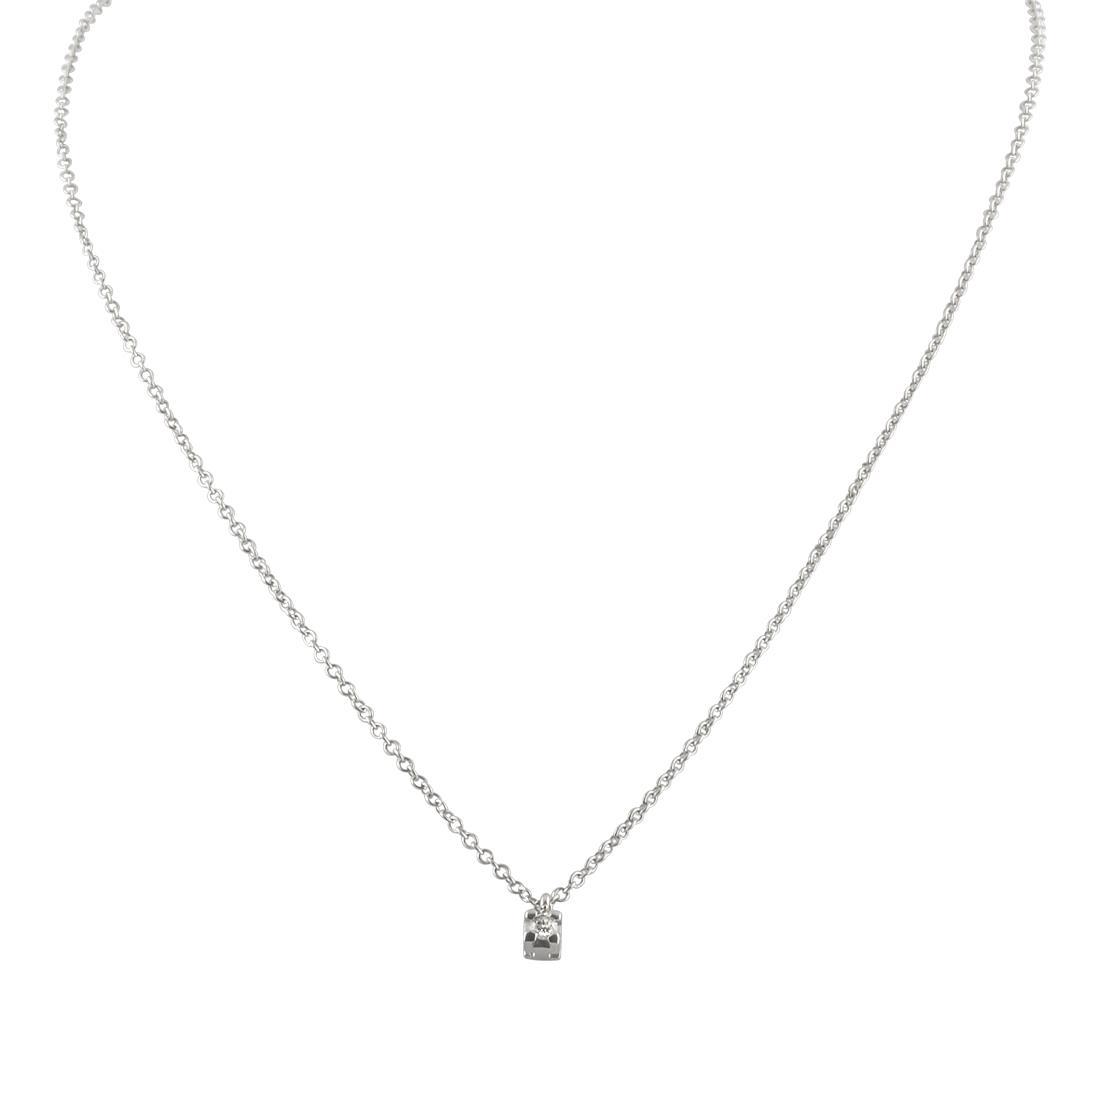 miglior servizio 669e6 b83fa Collana punto luce con diamante ct 0.04, lunghezza 42 cm